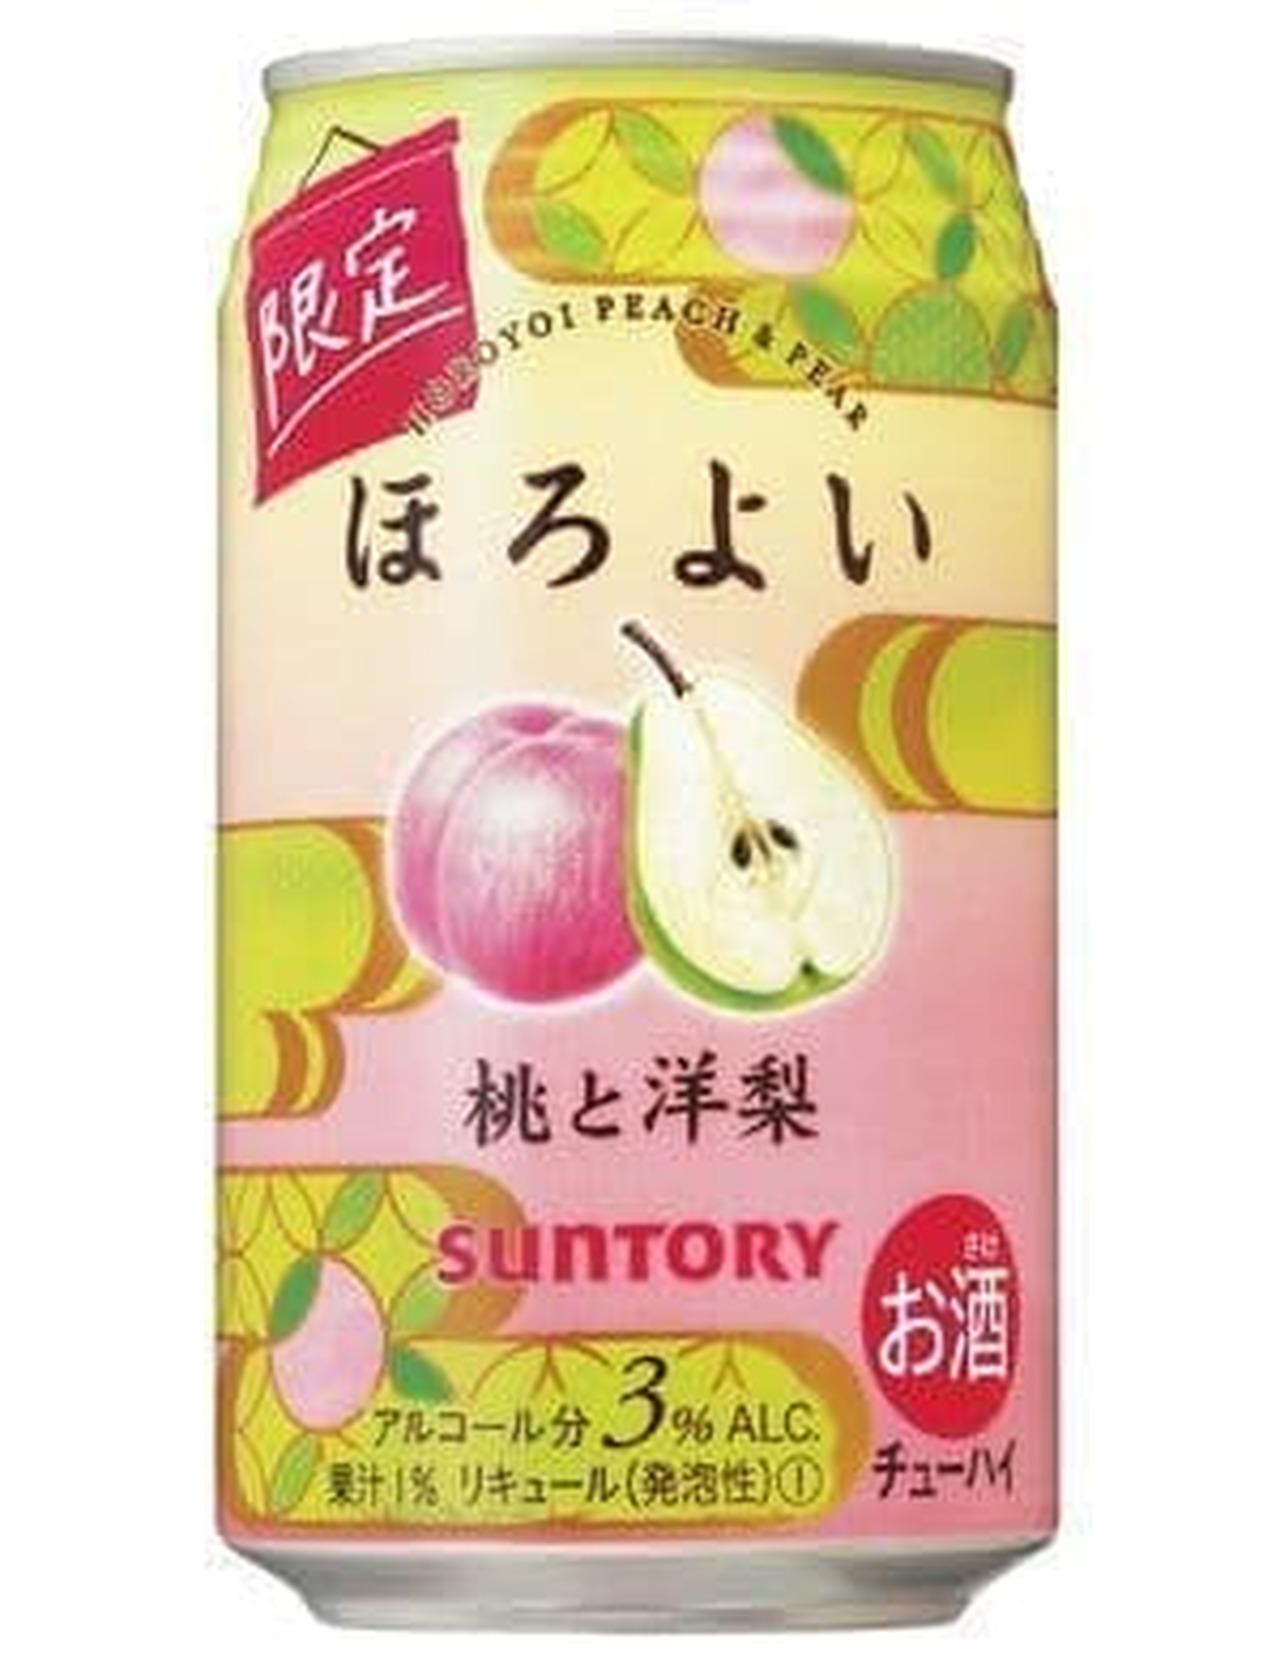 ほろよい<桃と洋梨>